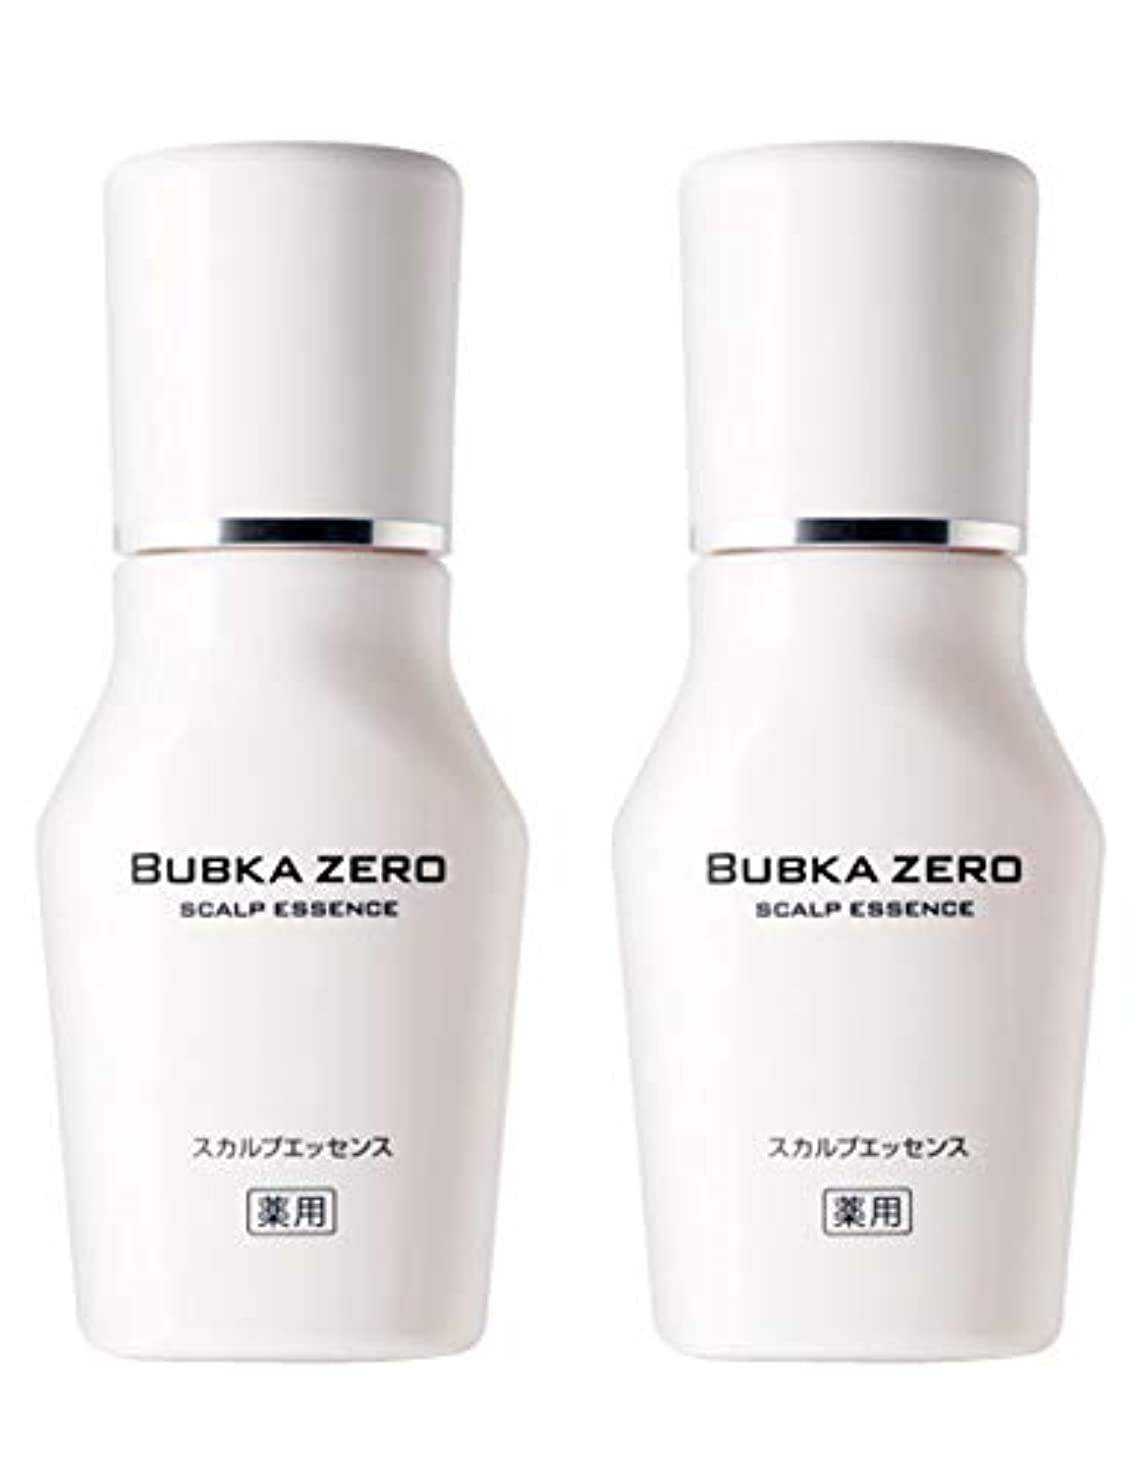 事件、出来事夜明けに性的【医薬部外品】BUBKA(ブブカ)薬用 スカルプエッセンス 育毛剤 BUBKA ZERO (ブブカ ゼロ)2本セット